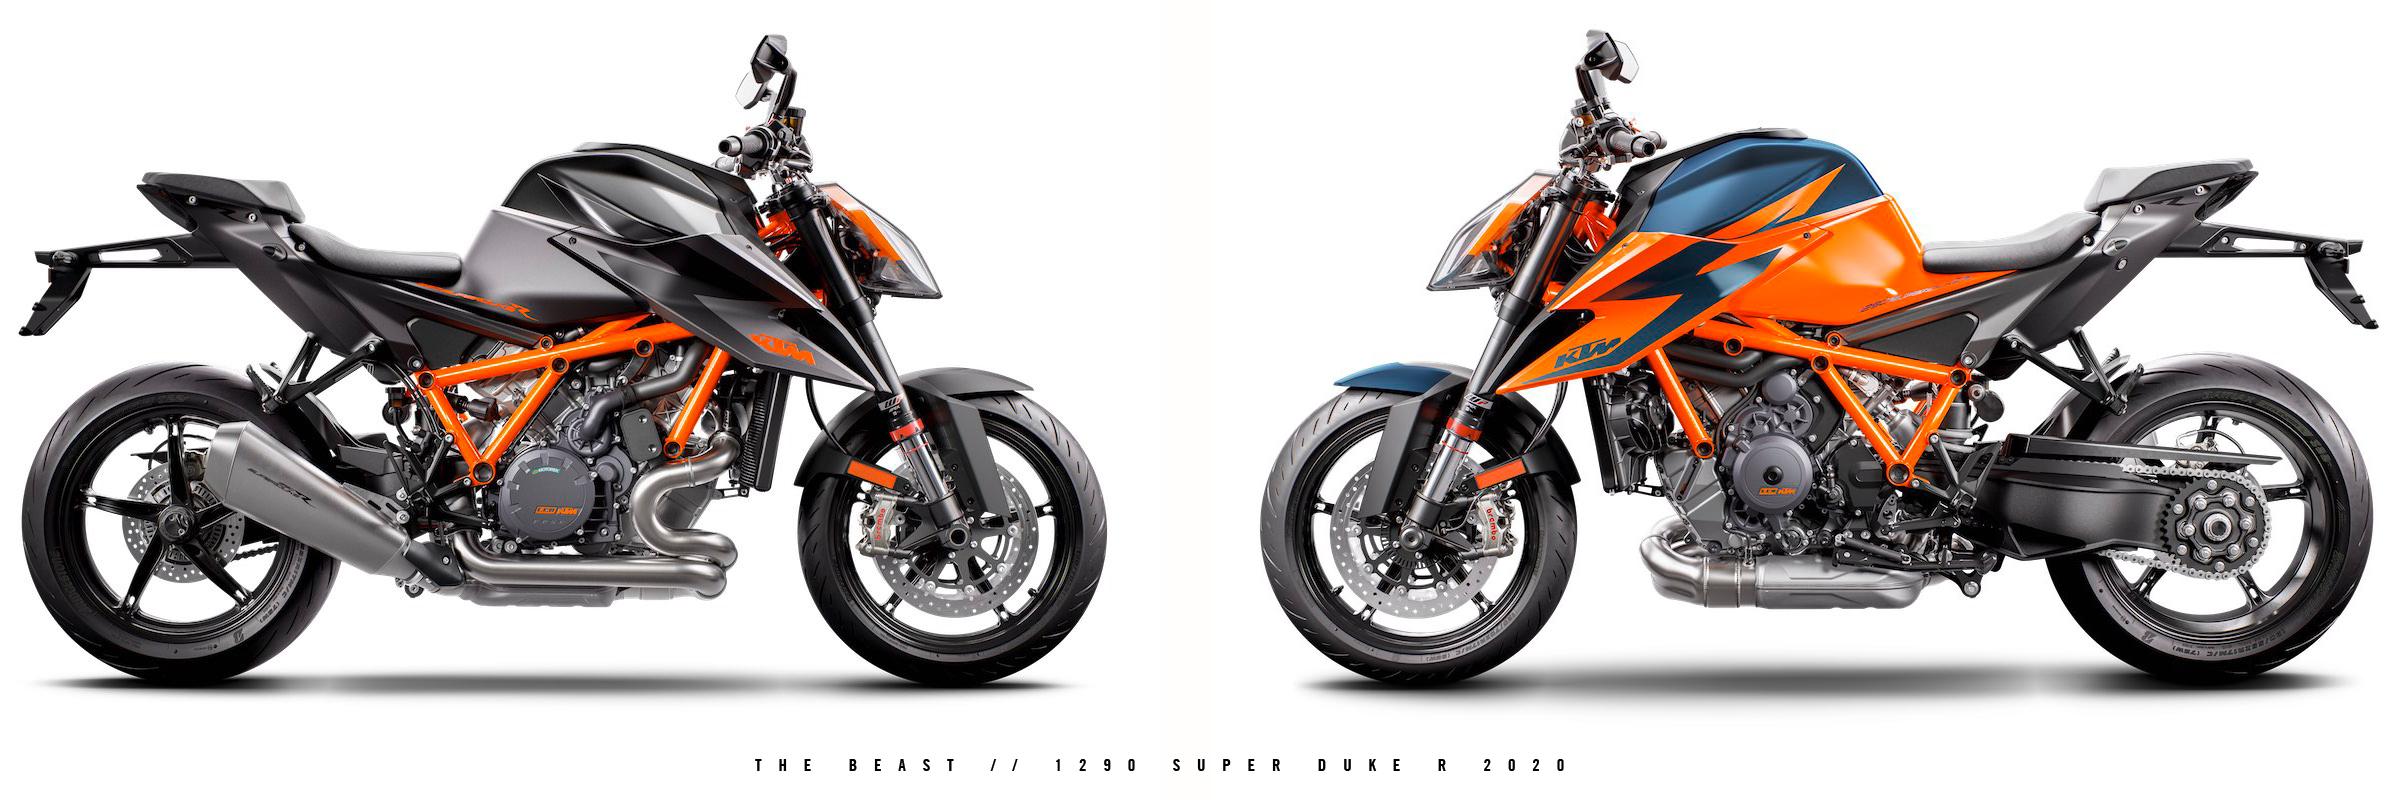 KTM 1290 SUPER DUKE R 2020 KOSAK KTM